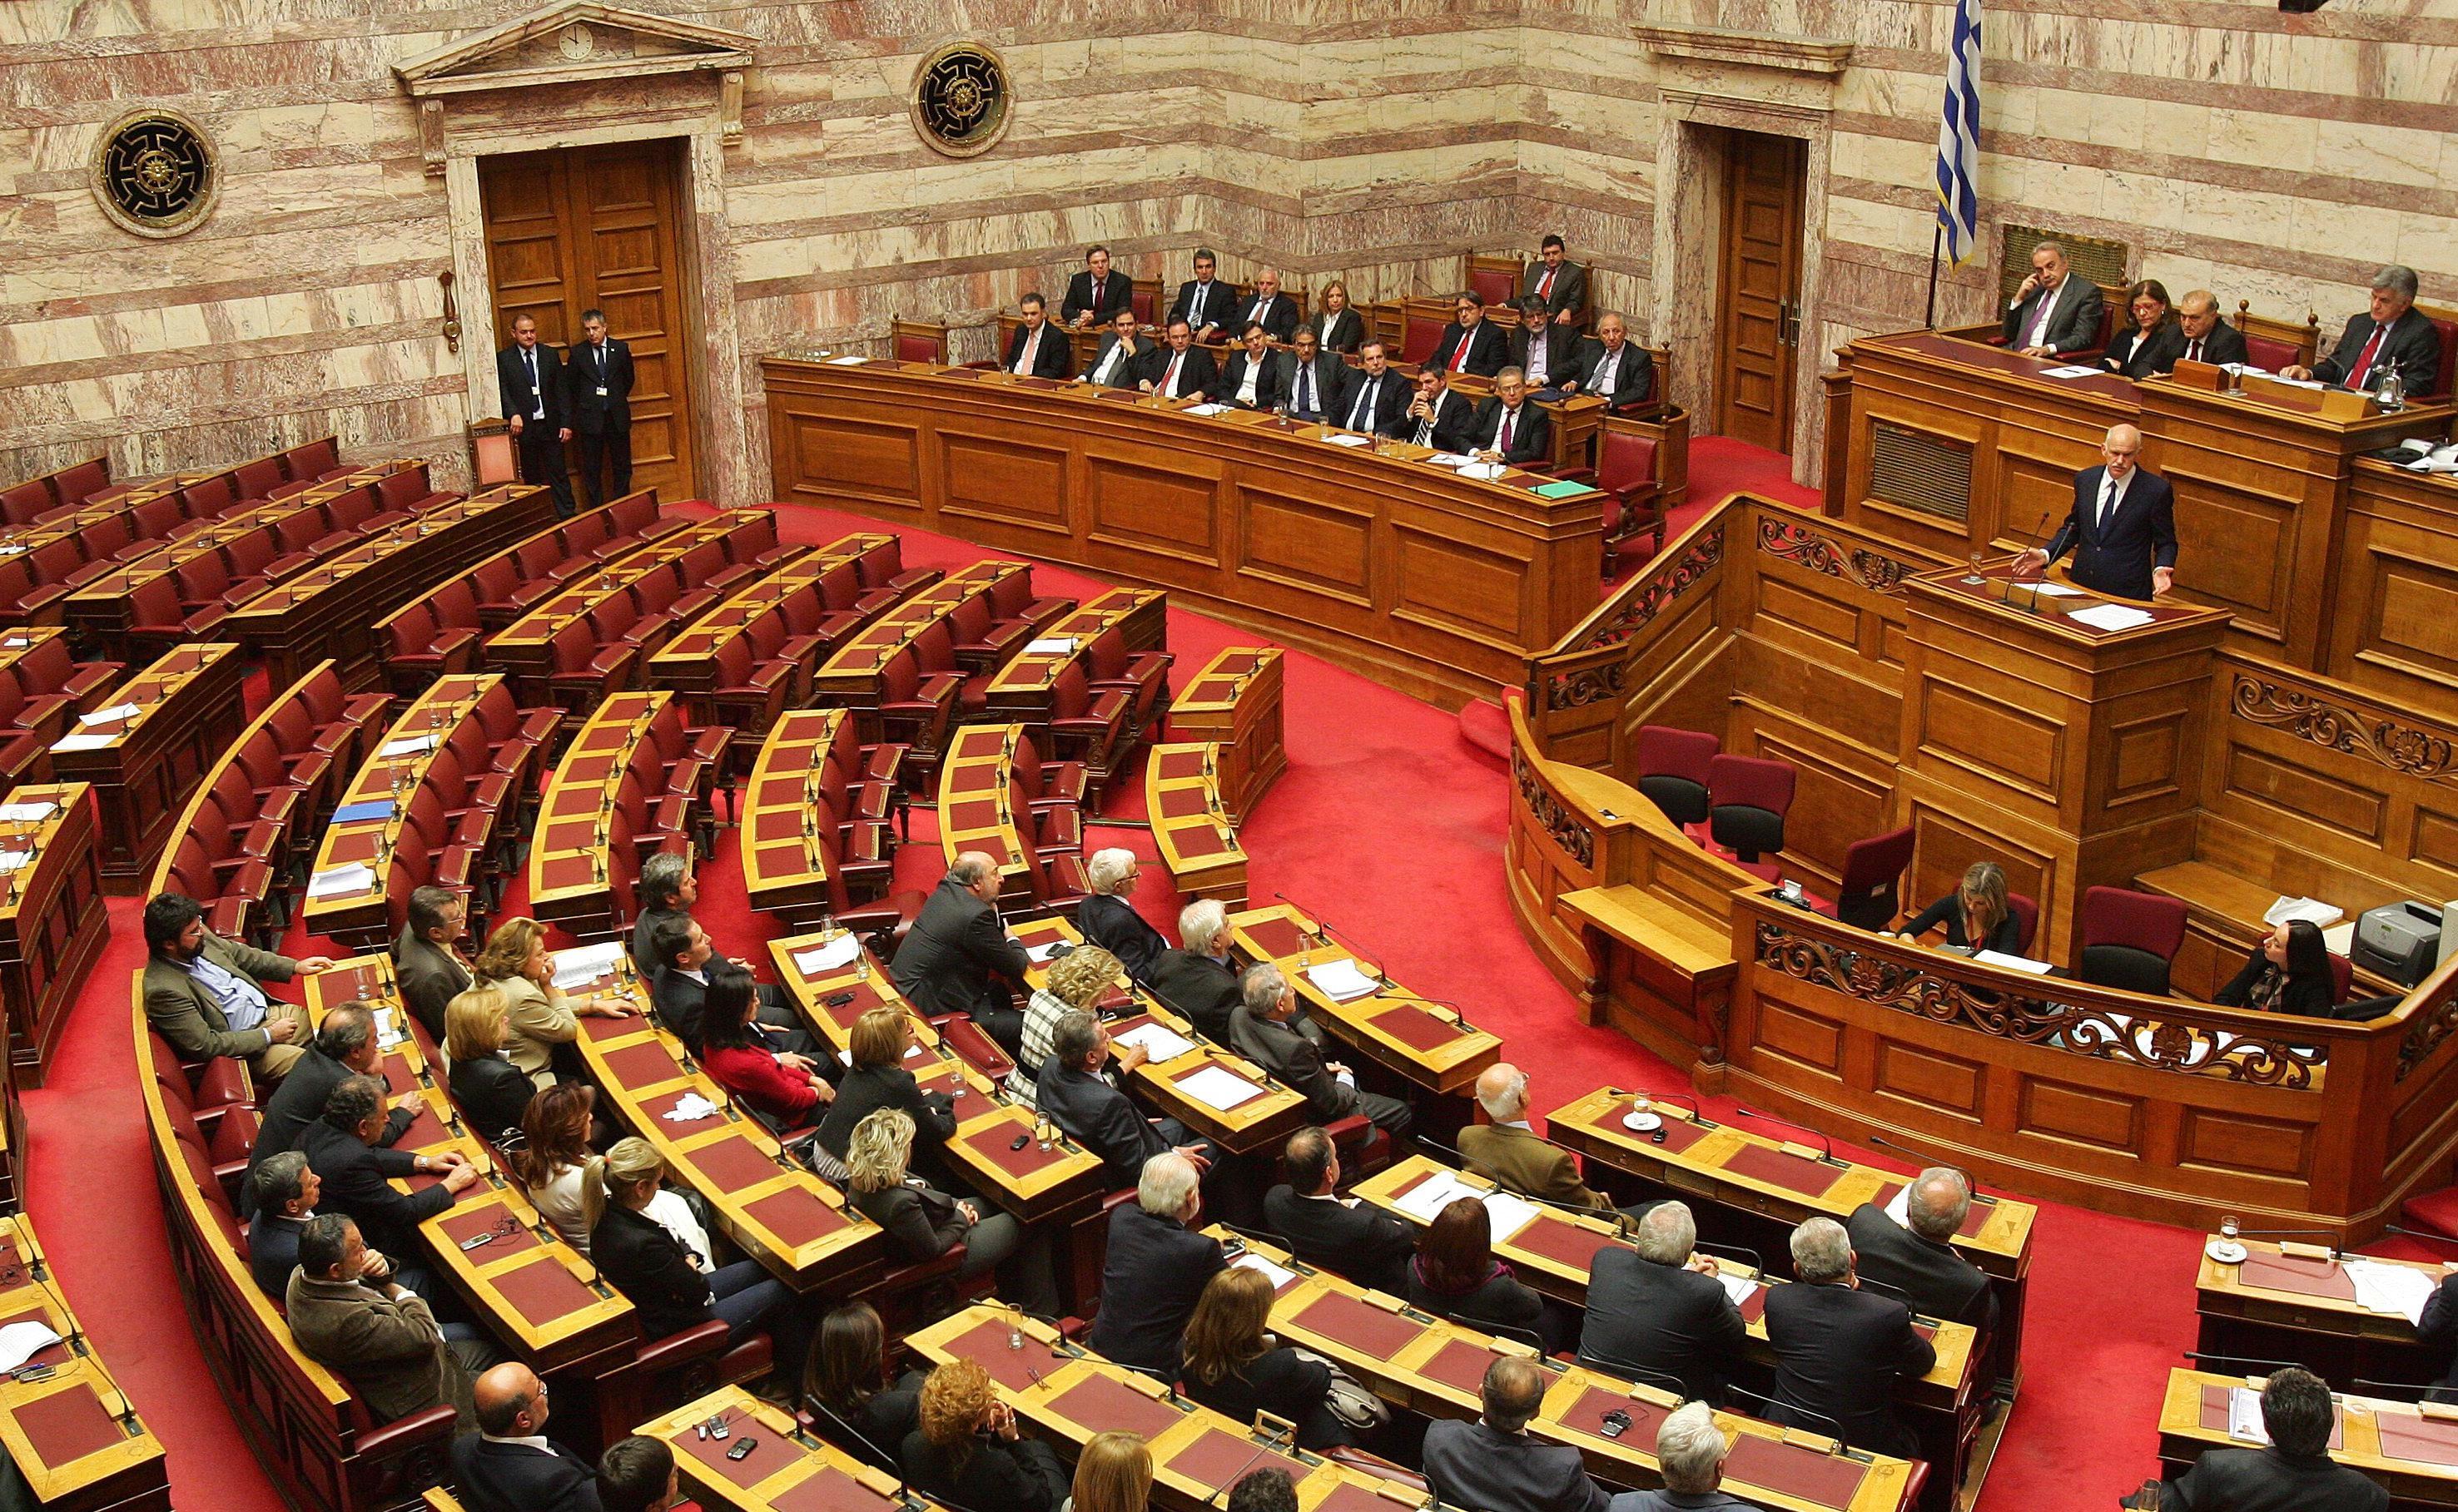 التصويت البرلماني لن يشمل المعاشات التقاعدية ولا الضريبة على المزارعين